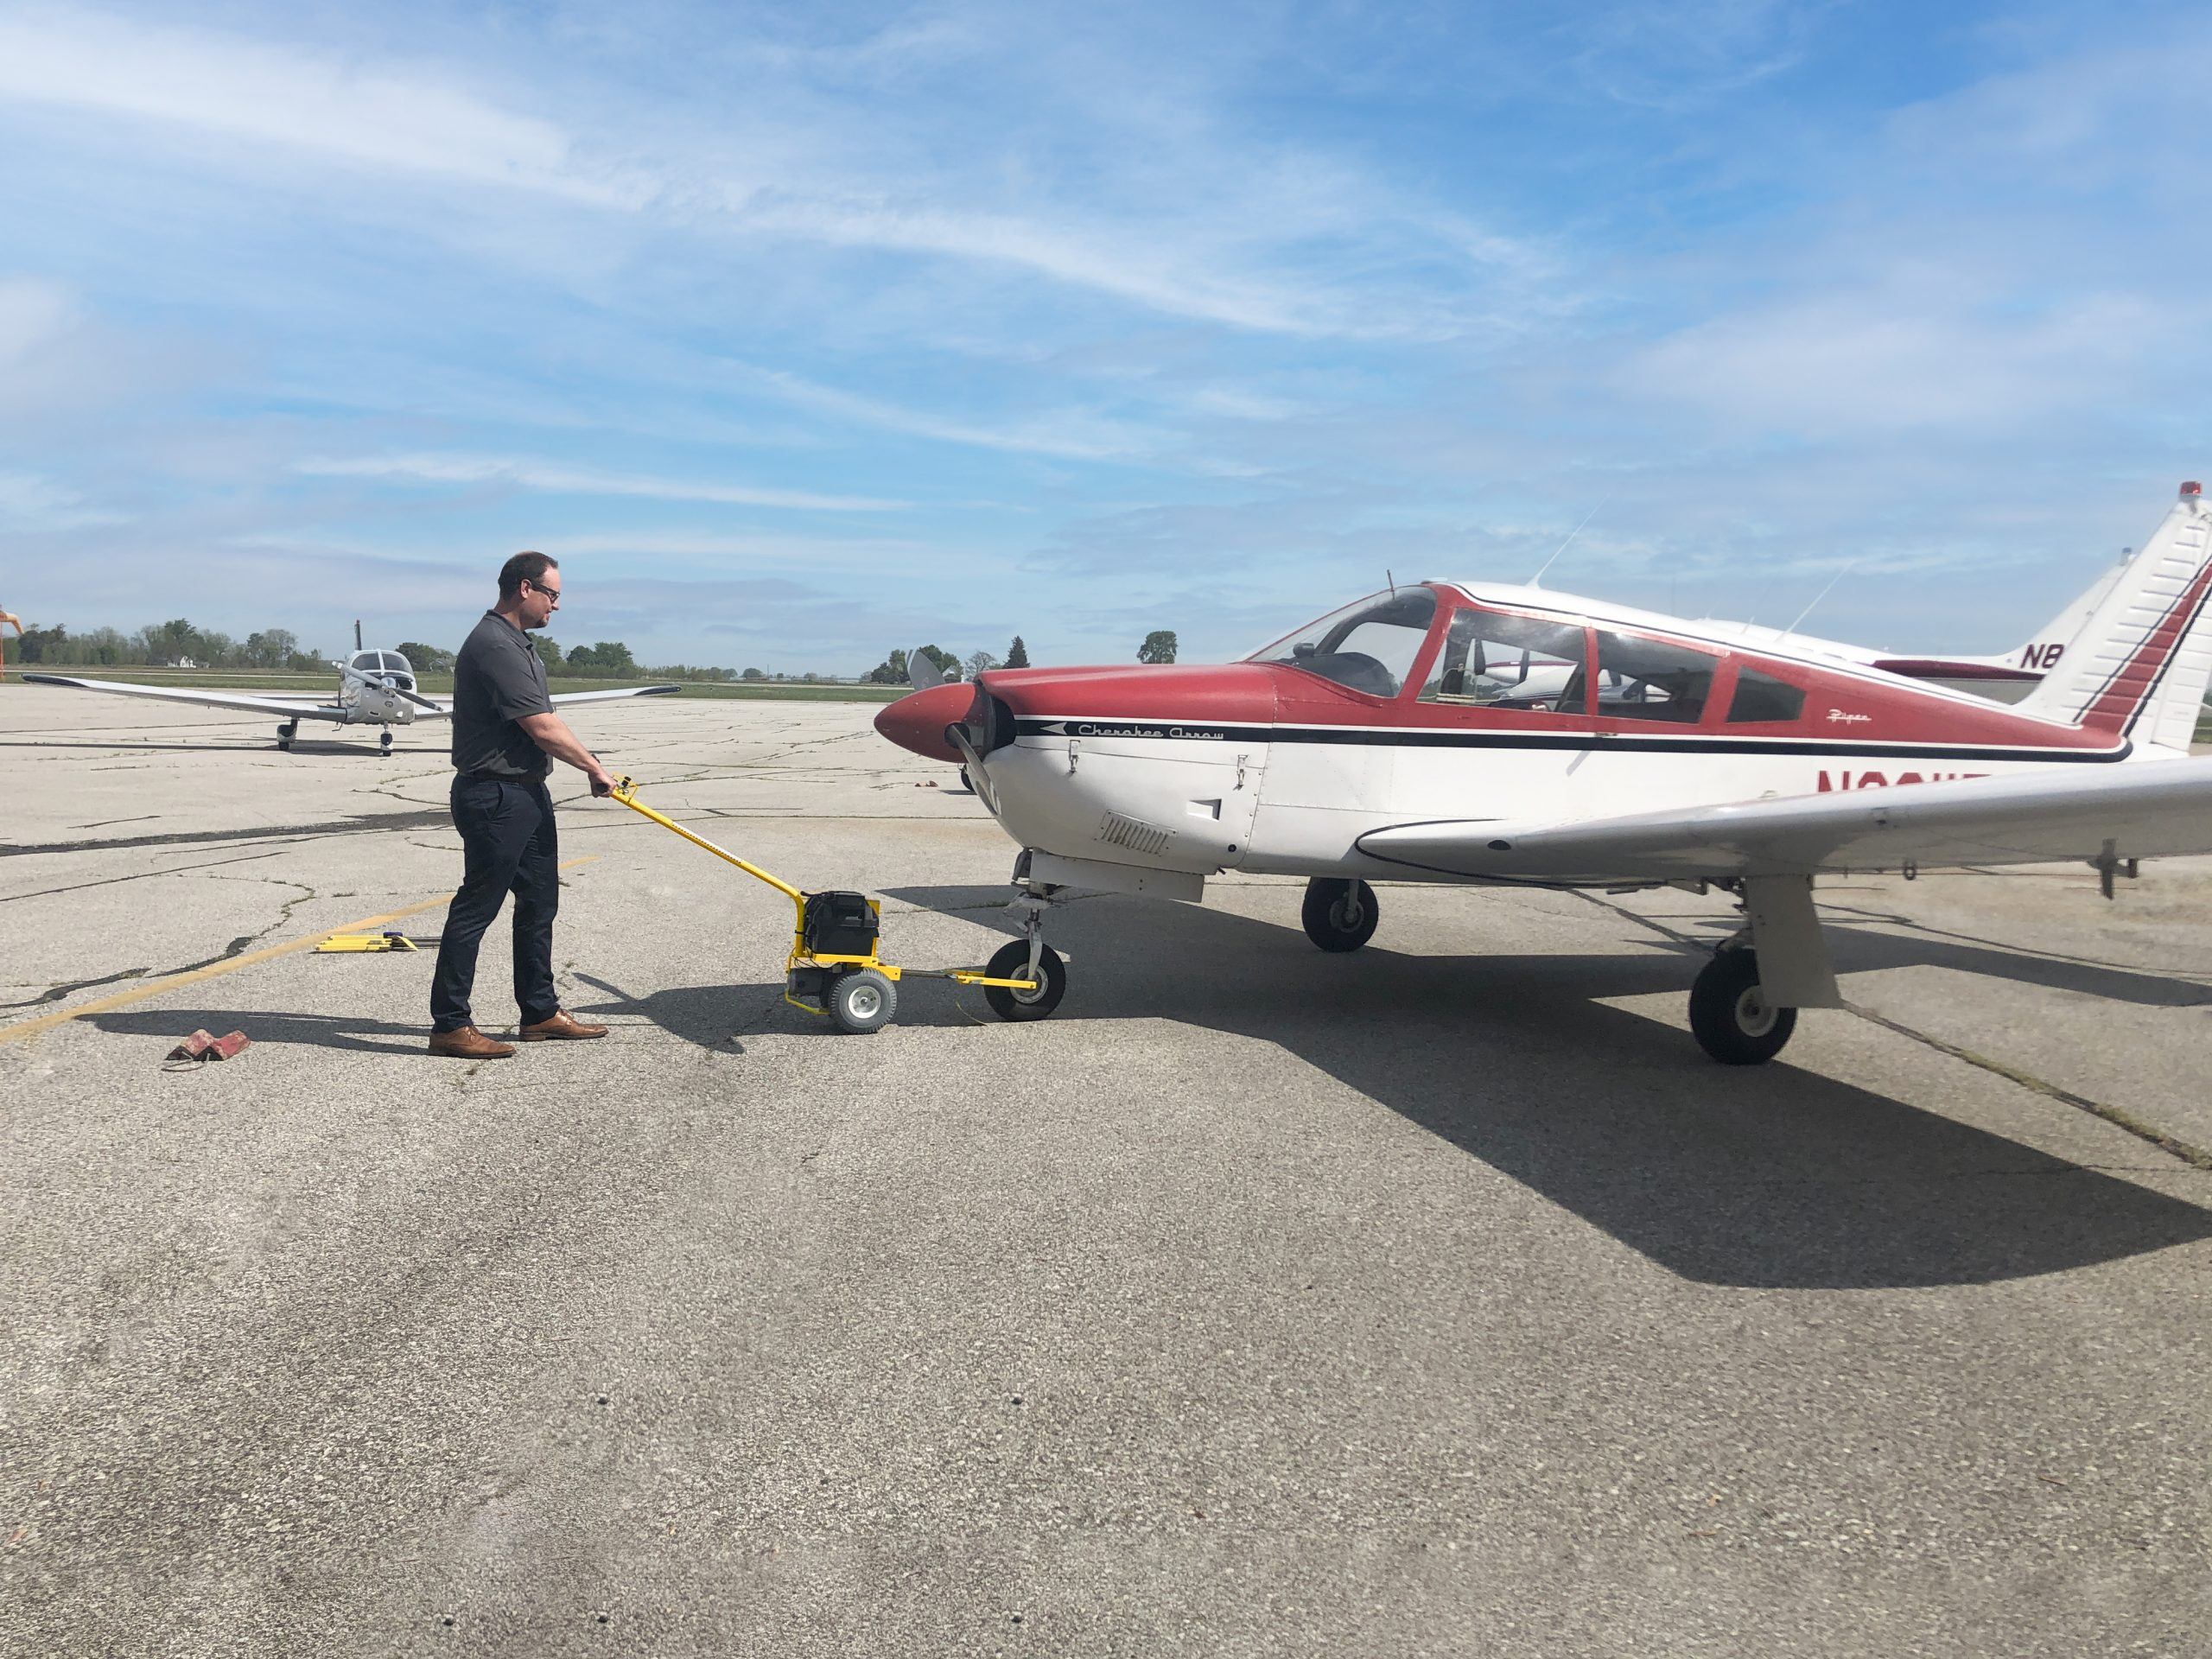 AeroTow by Amigo Mobility